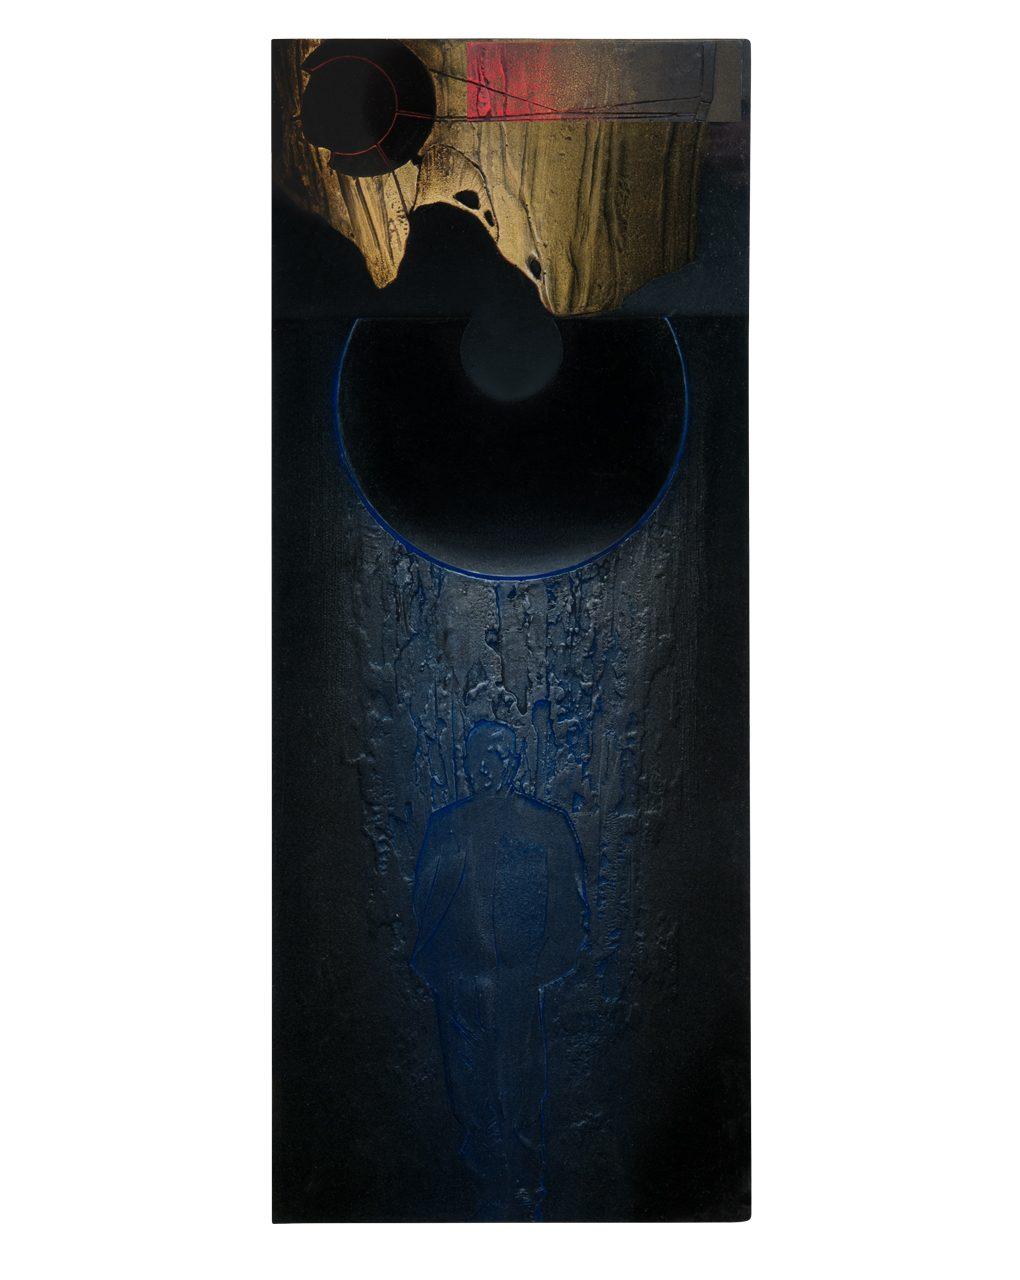 Roccia pensosa - variante 2016 - cm 24,7x61 - resina epossidica, colori acrilici, glassatura epossidica